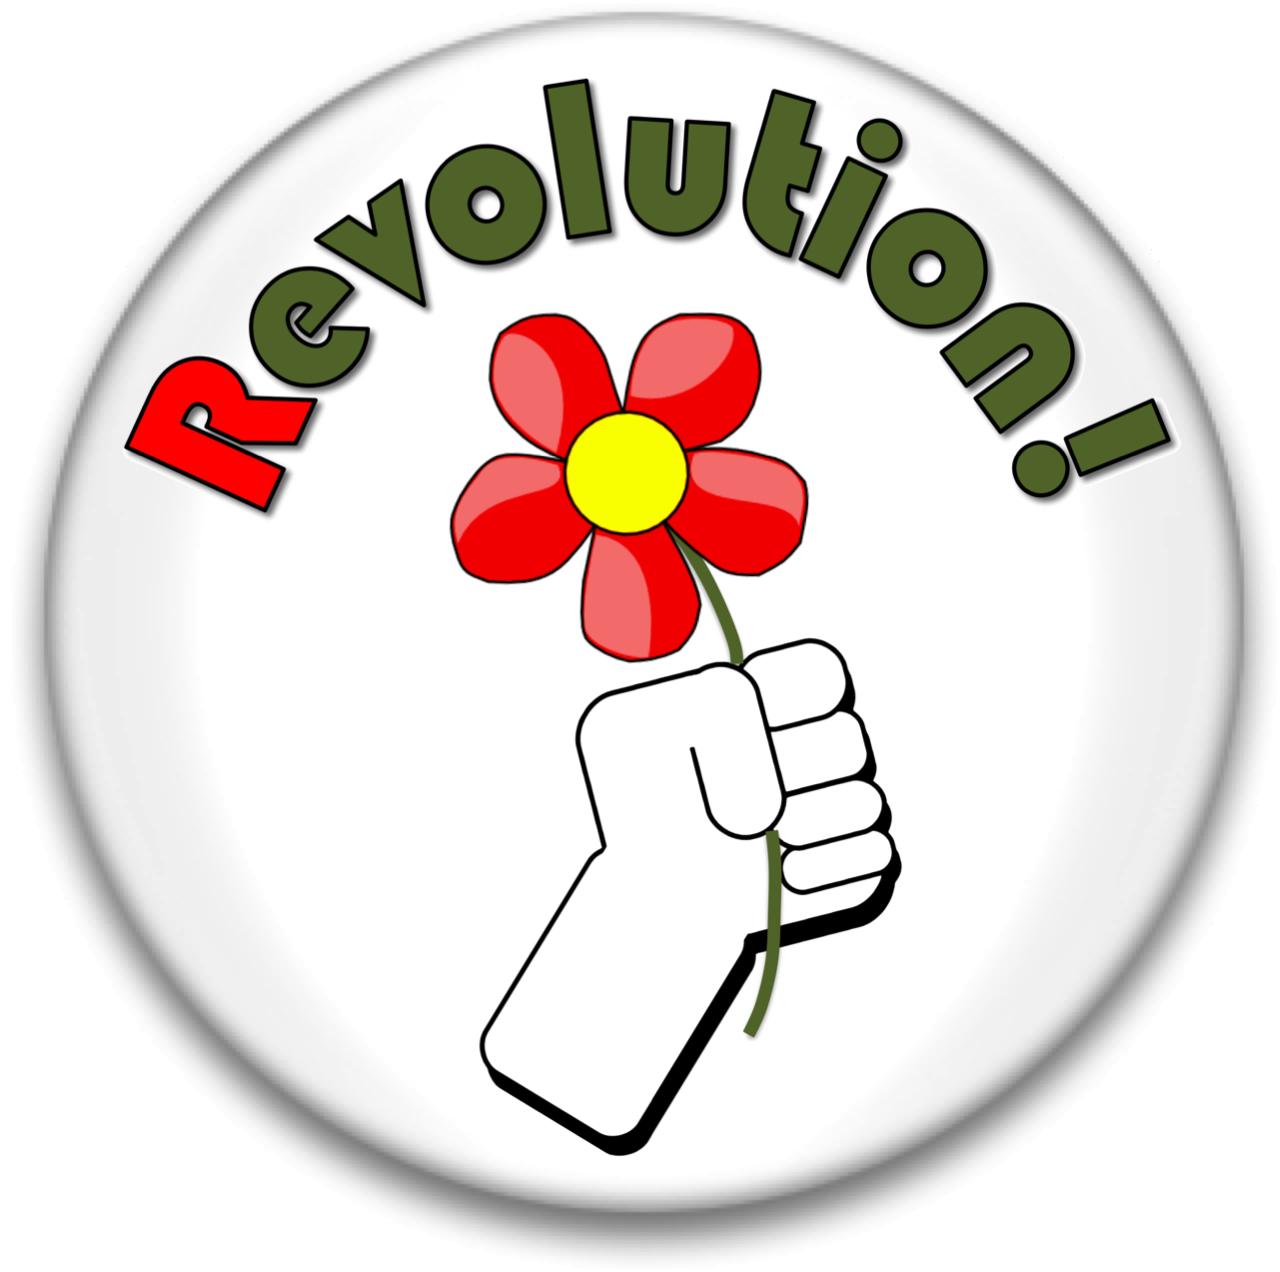 Democracy clipart revolution fist. Button teddy s ts